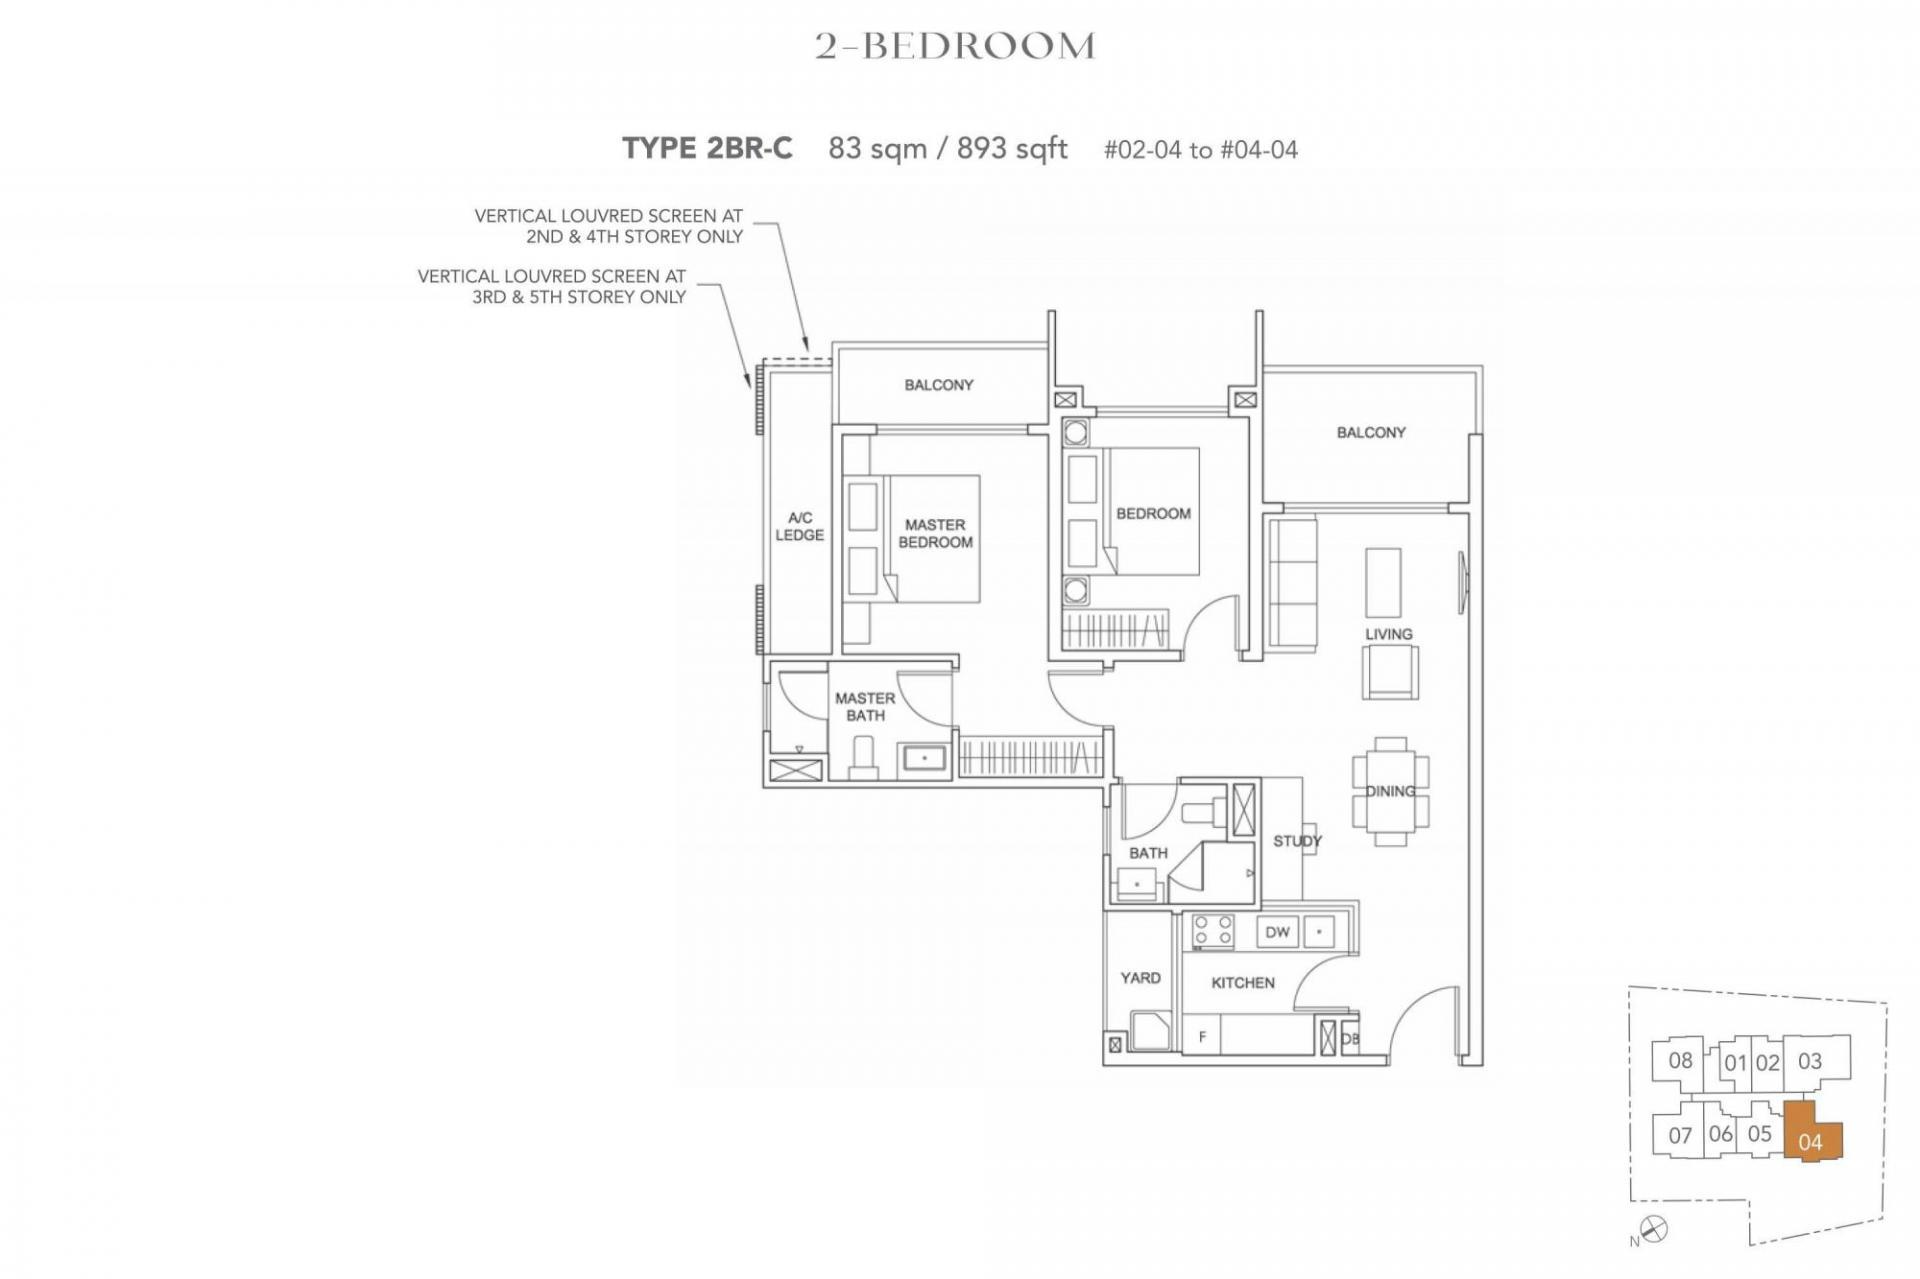 jervois-treasures-floor-plan-2-br